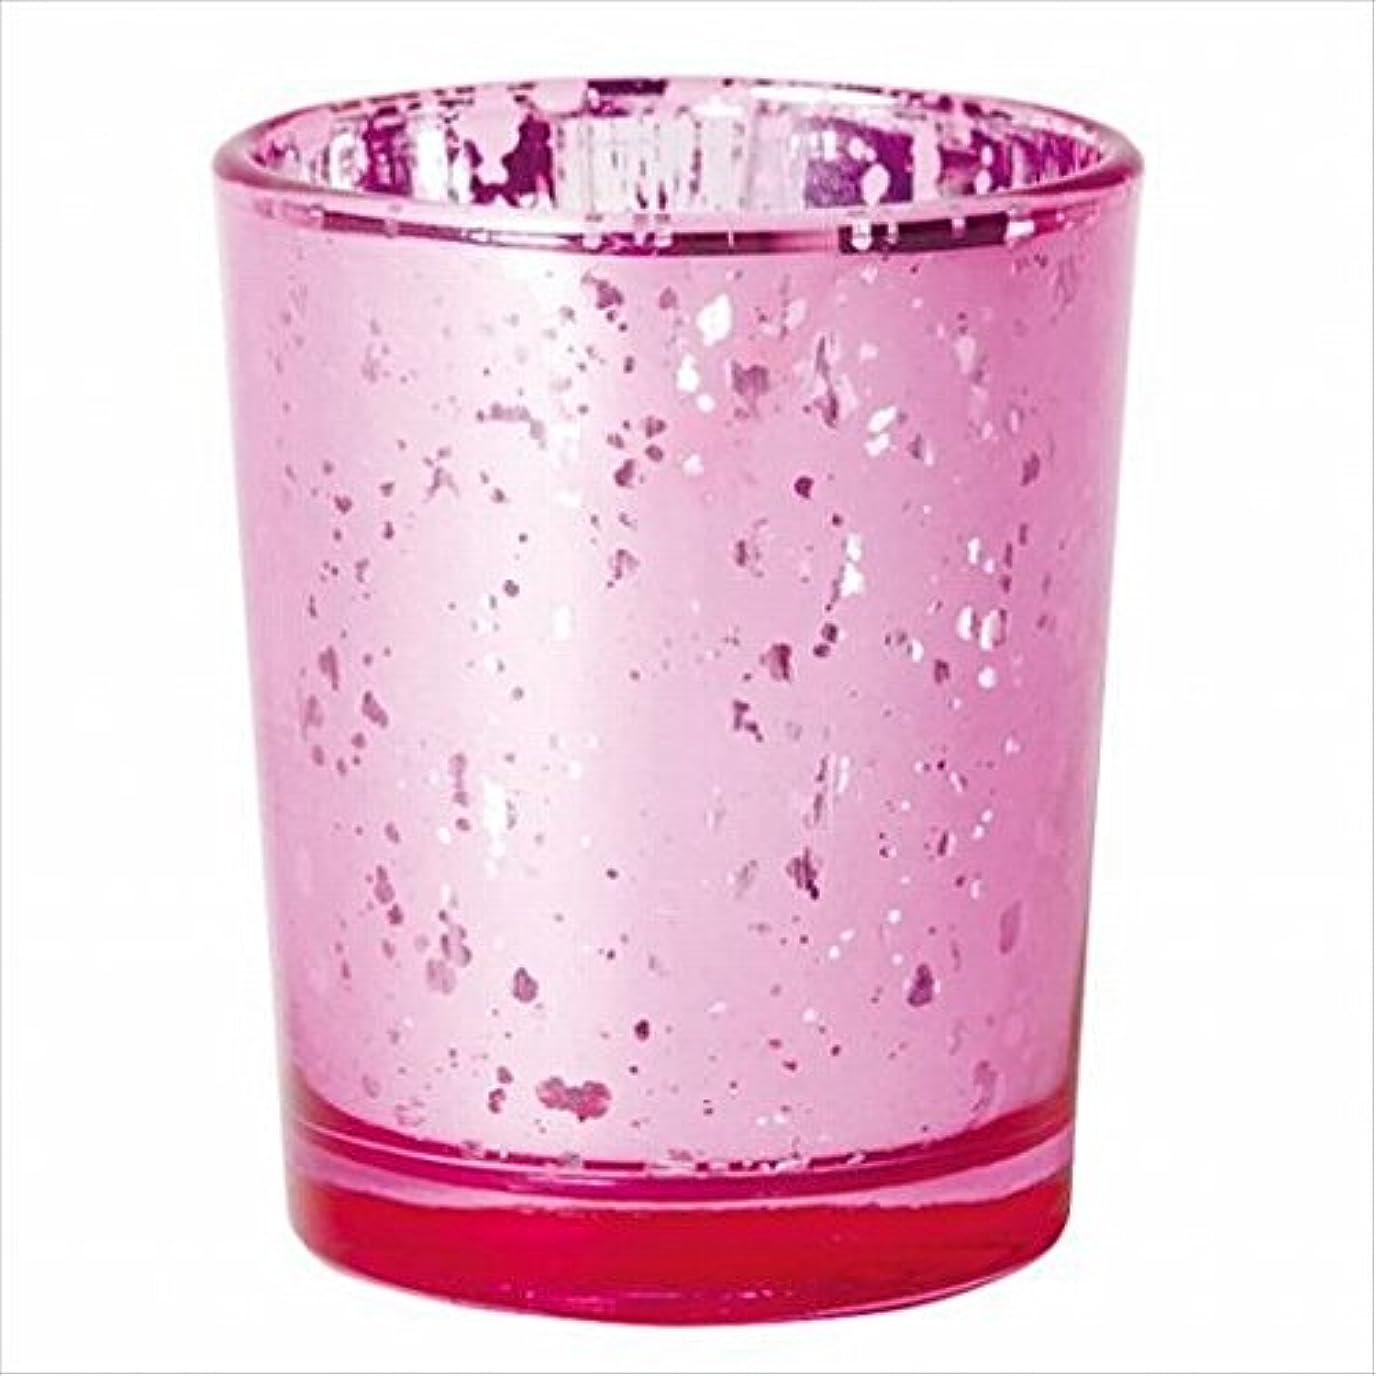 本当に意味確認してくださいカメヤマキャンドル(kameyama candle) ヴィンテージグラス 「 ピンク 」 キャンドルホルダー